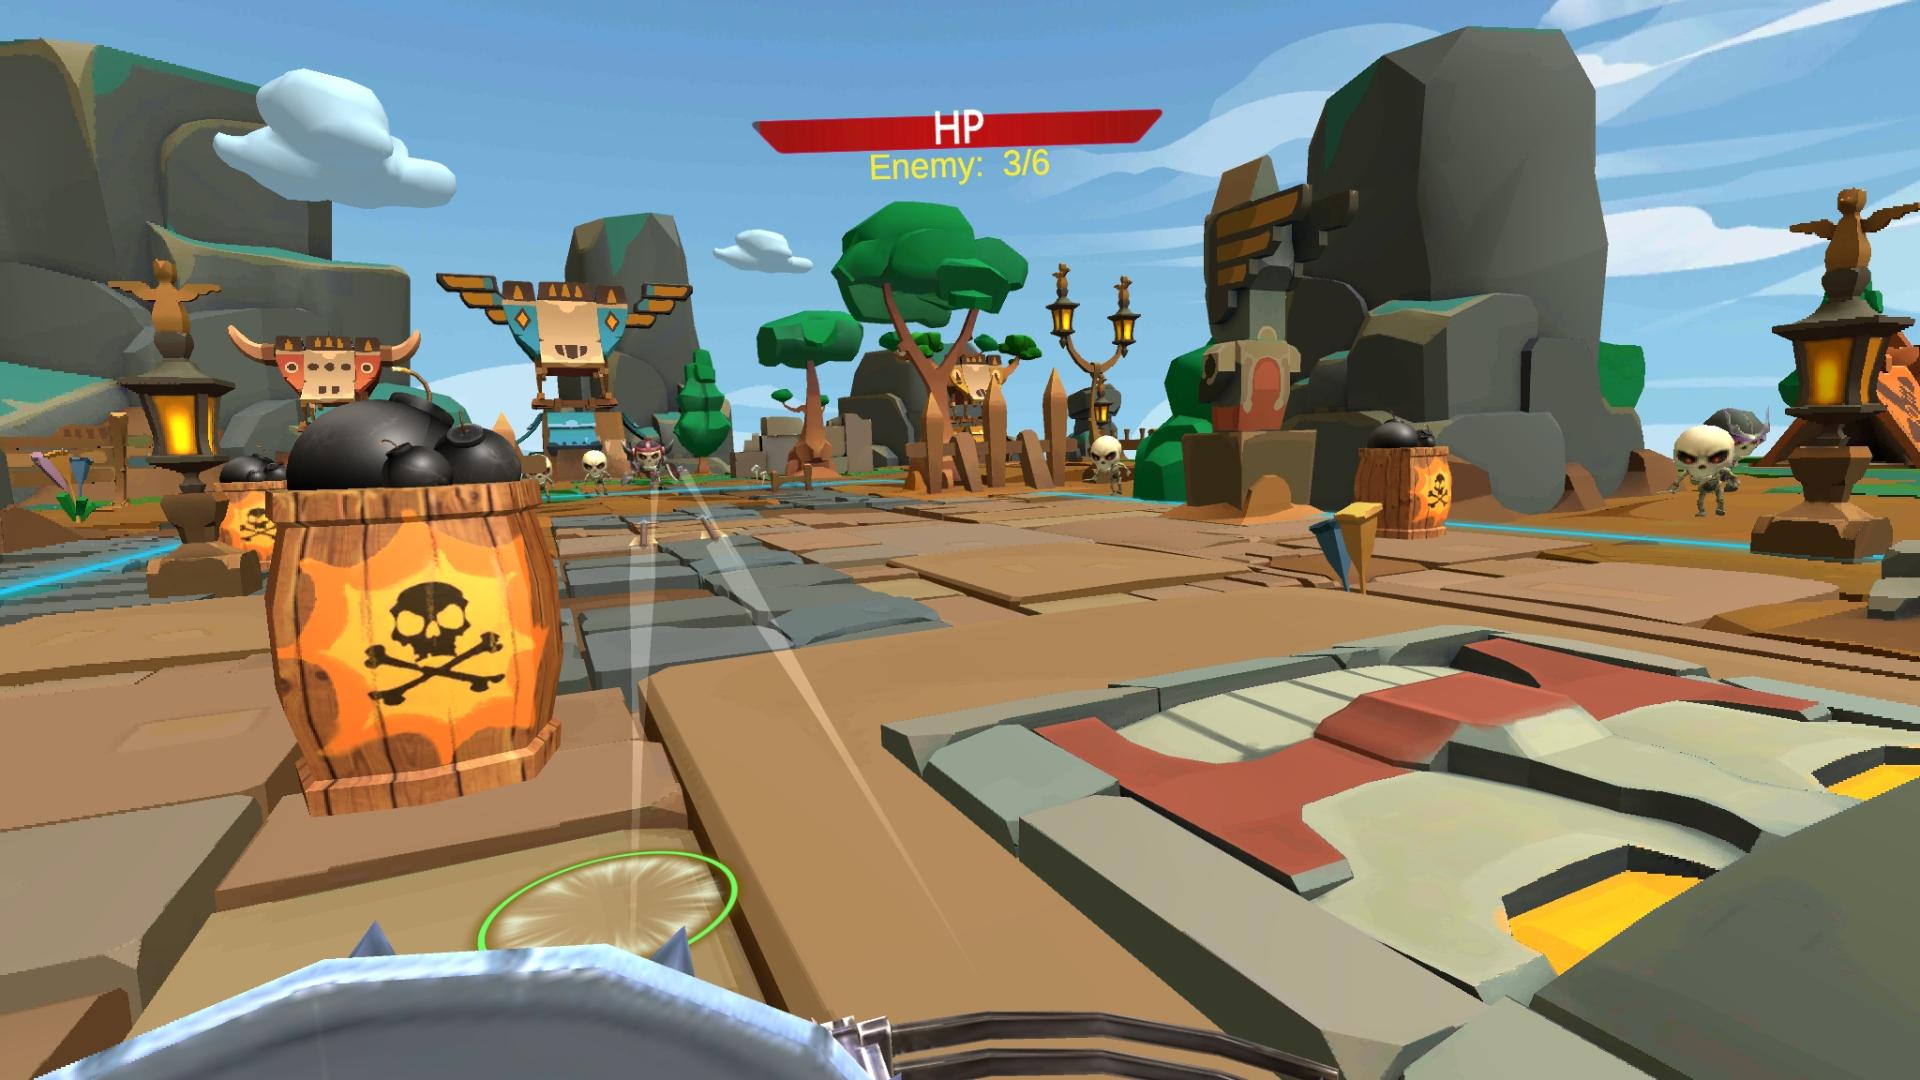 Screenshot_com.Pico.Defender_B350_2021.06.21-15.17.37.jpeg